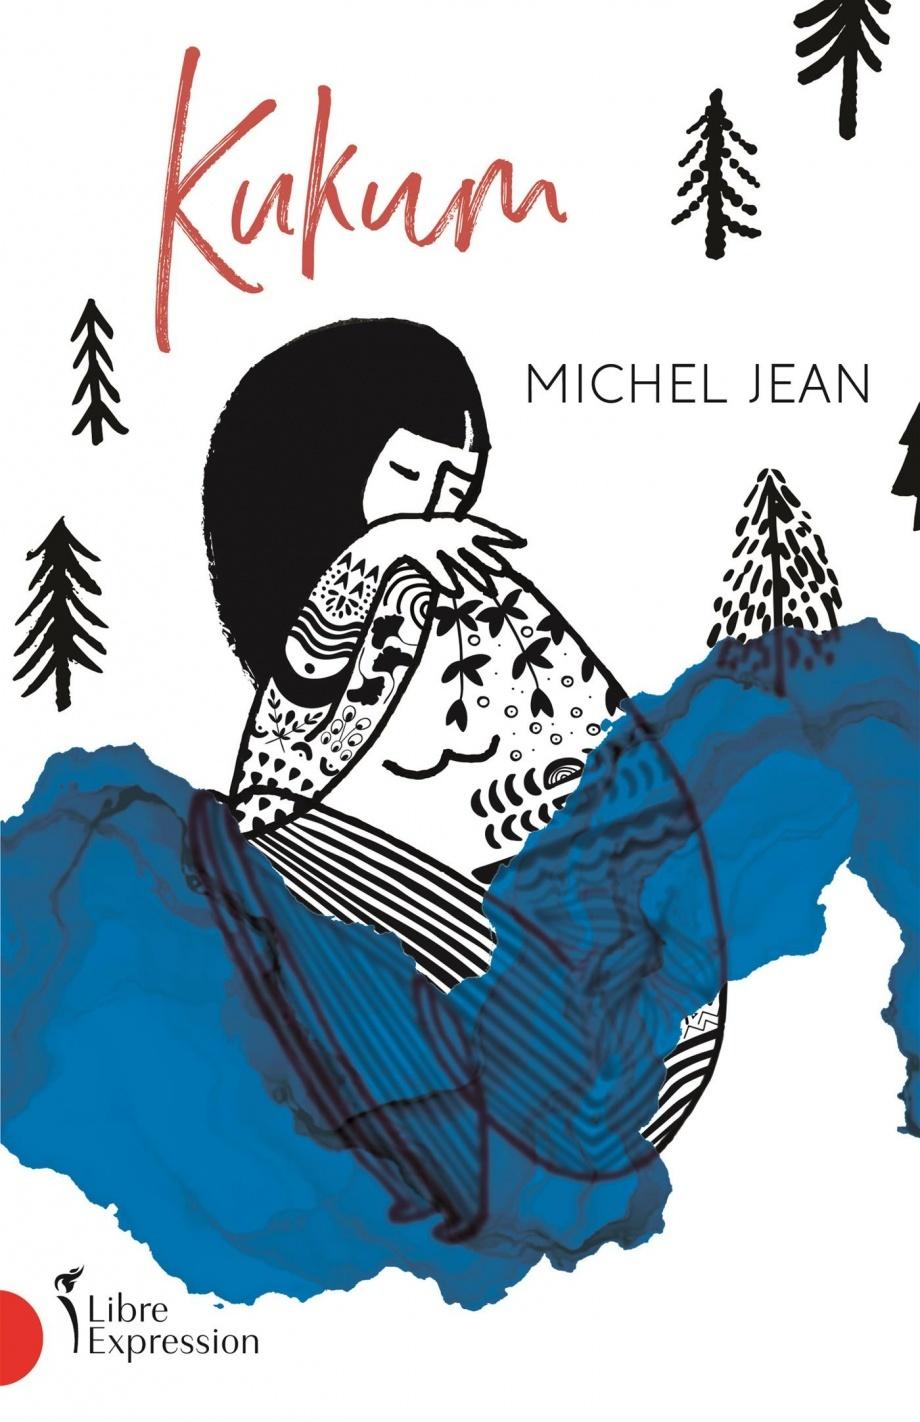 Kukum, de Michel Jean (Libre Expression)